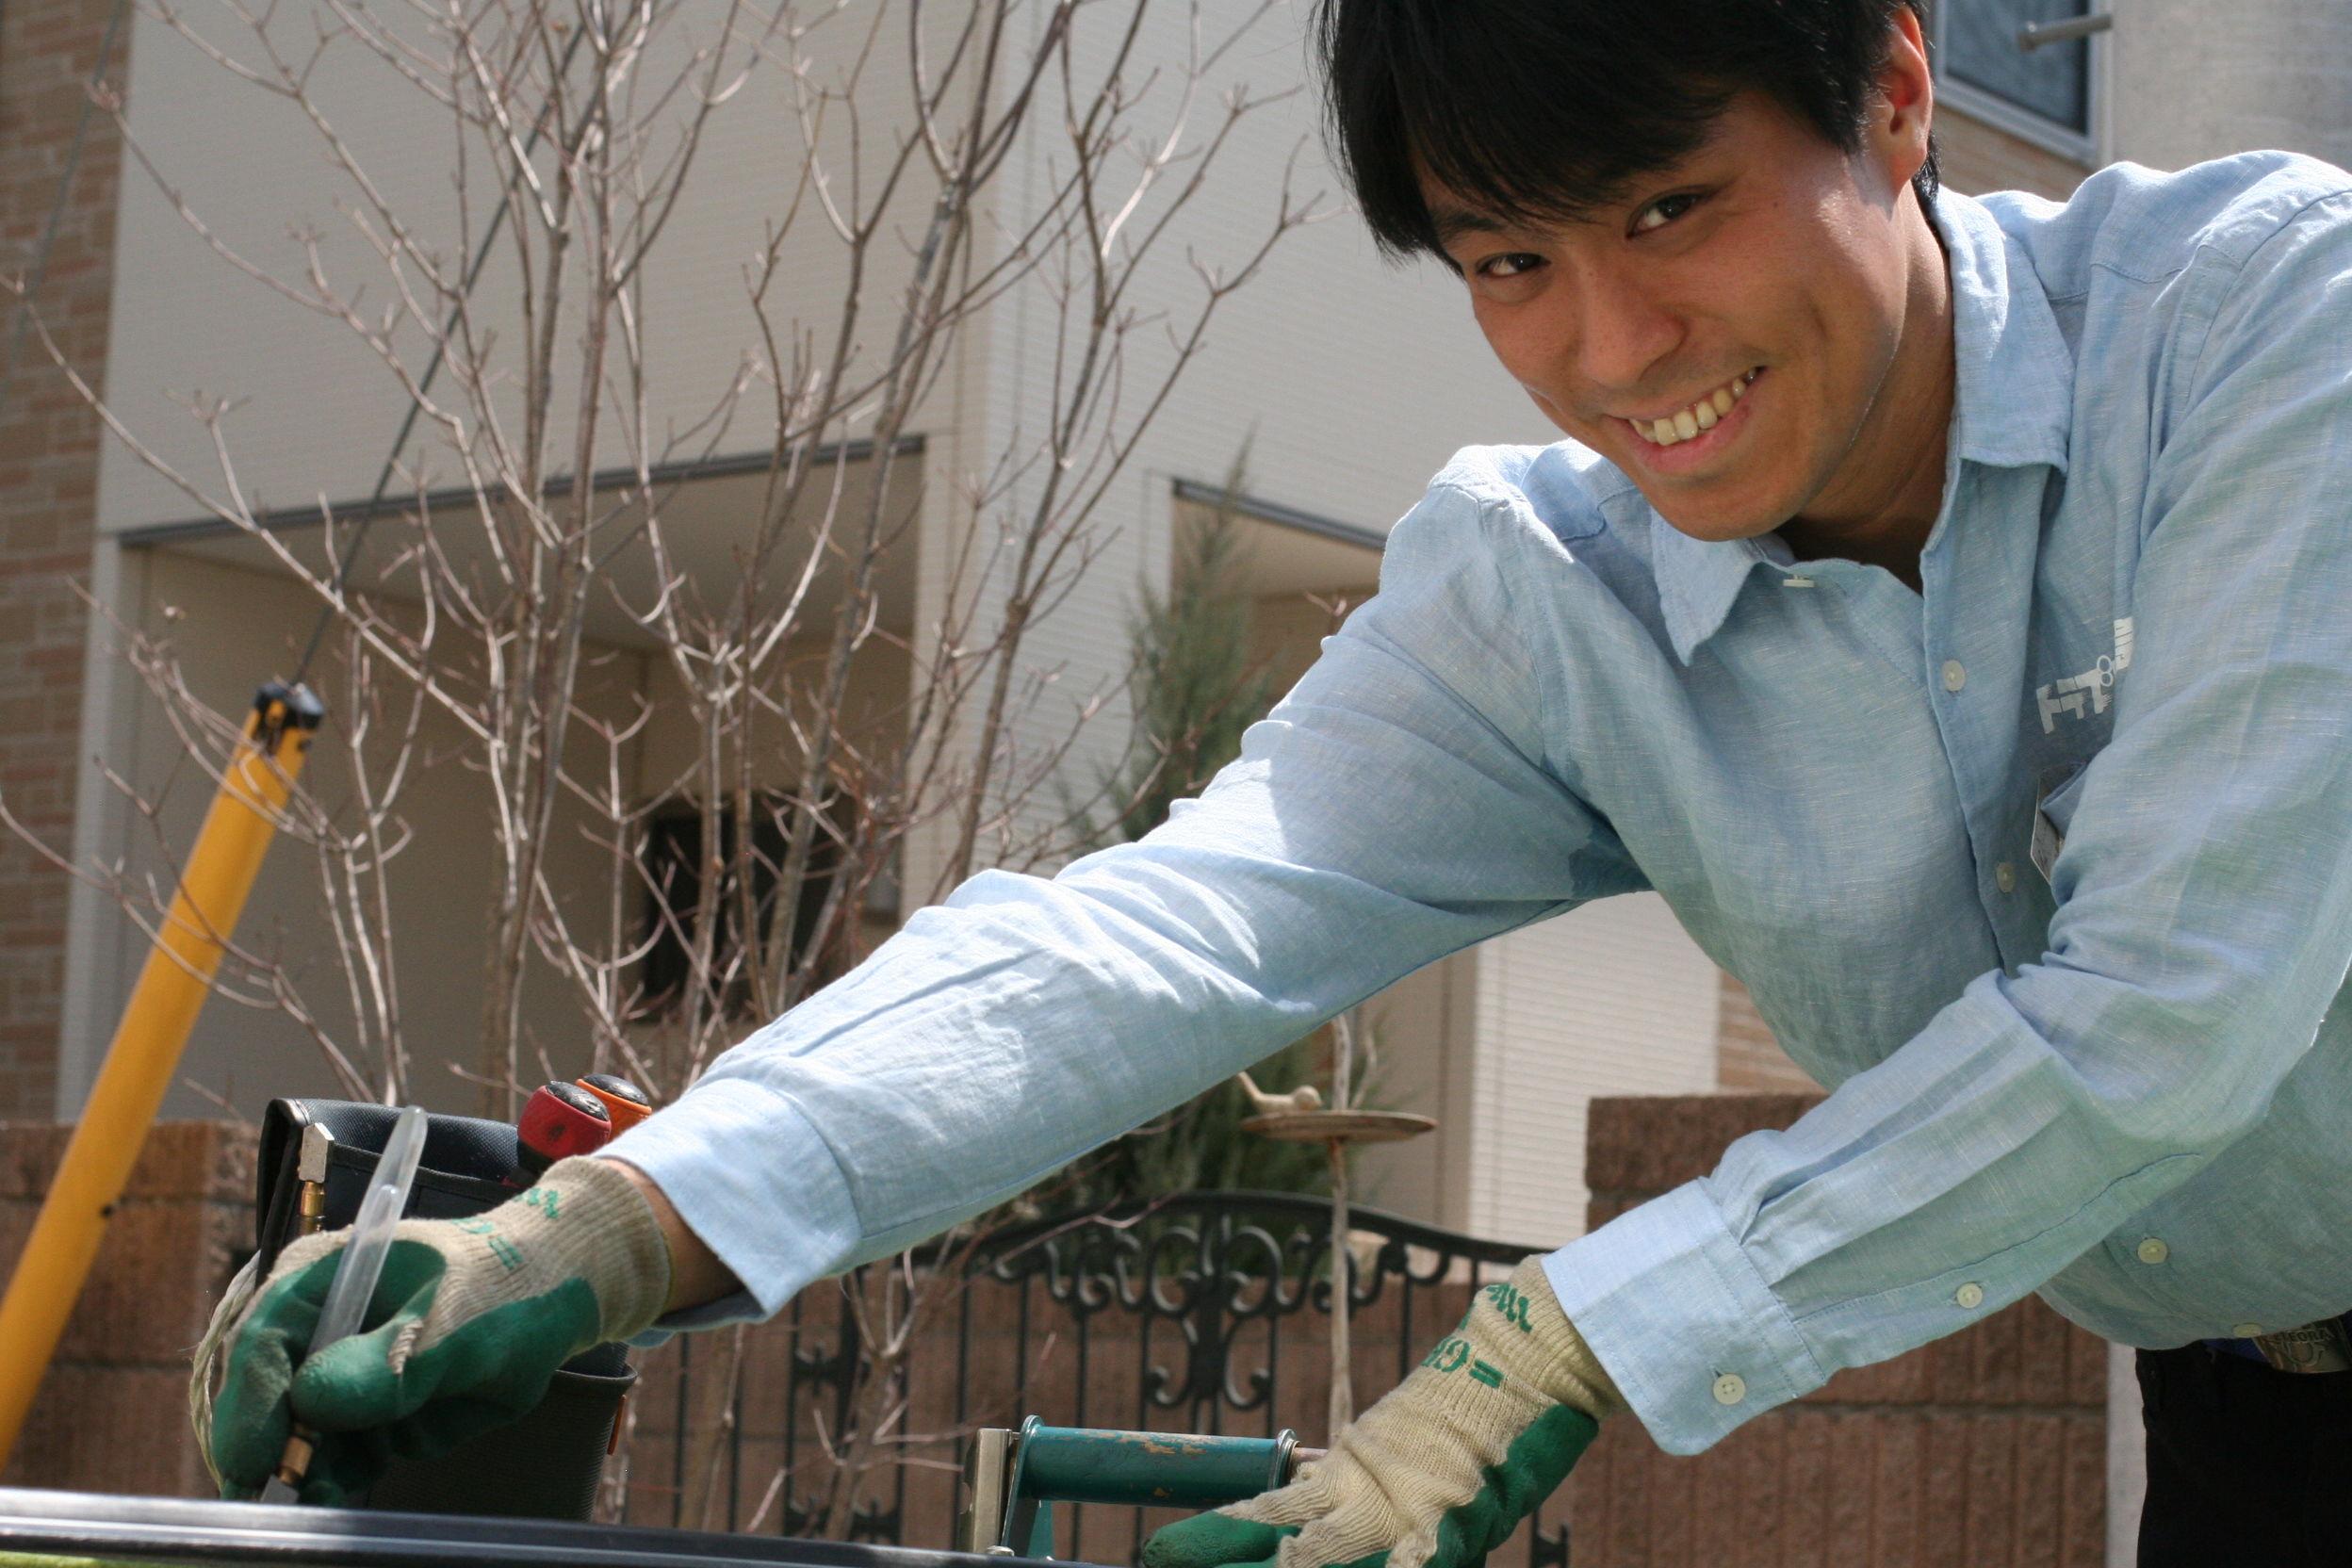 ガラスのトラブル救Q隊.24【大阪市西区 出張エリア】の店内・外観画像2